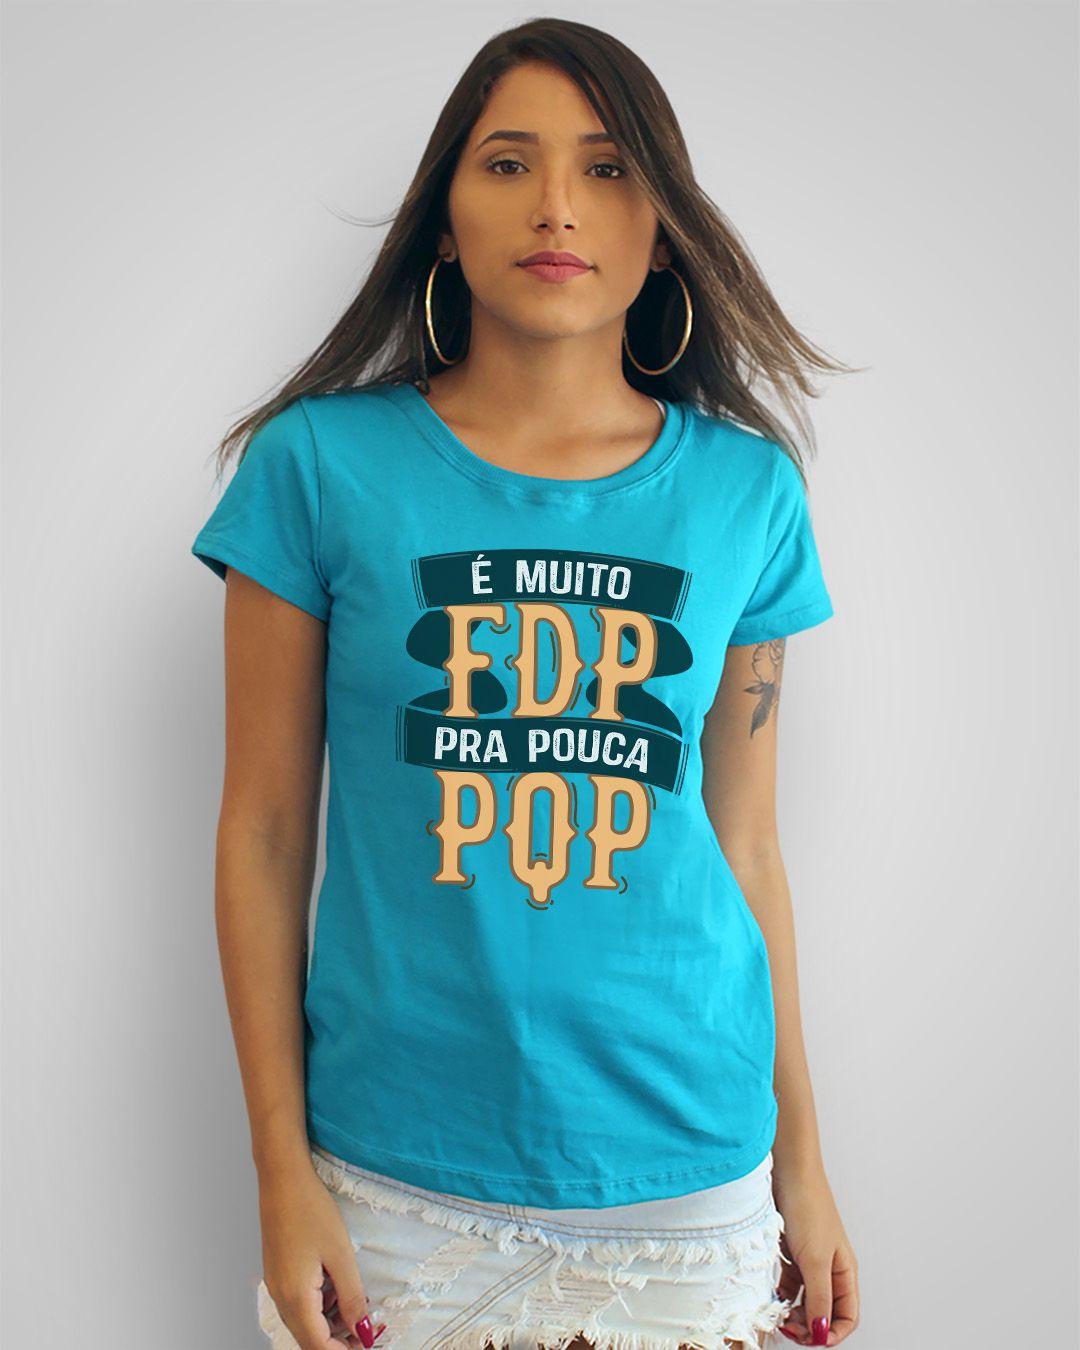 Camiseta É muito fdp pra pouca pqp